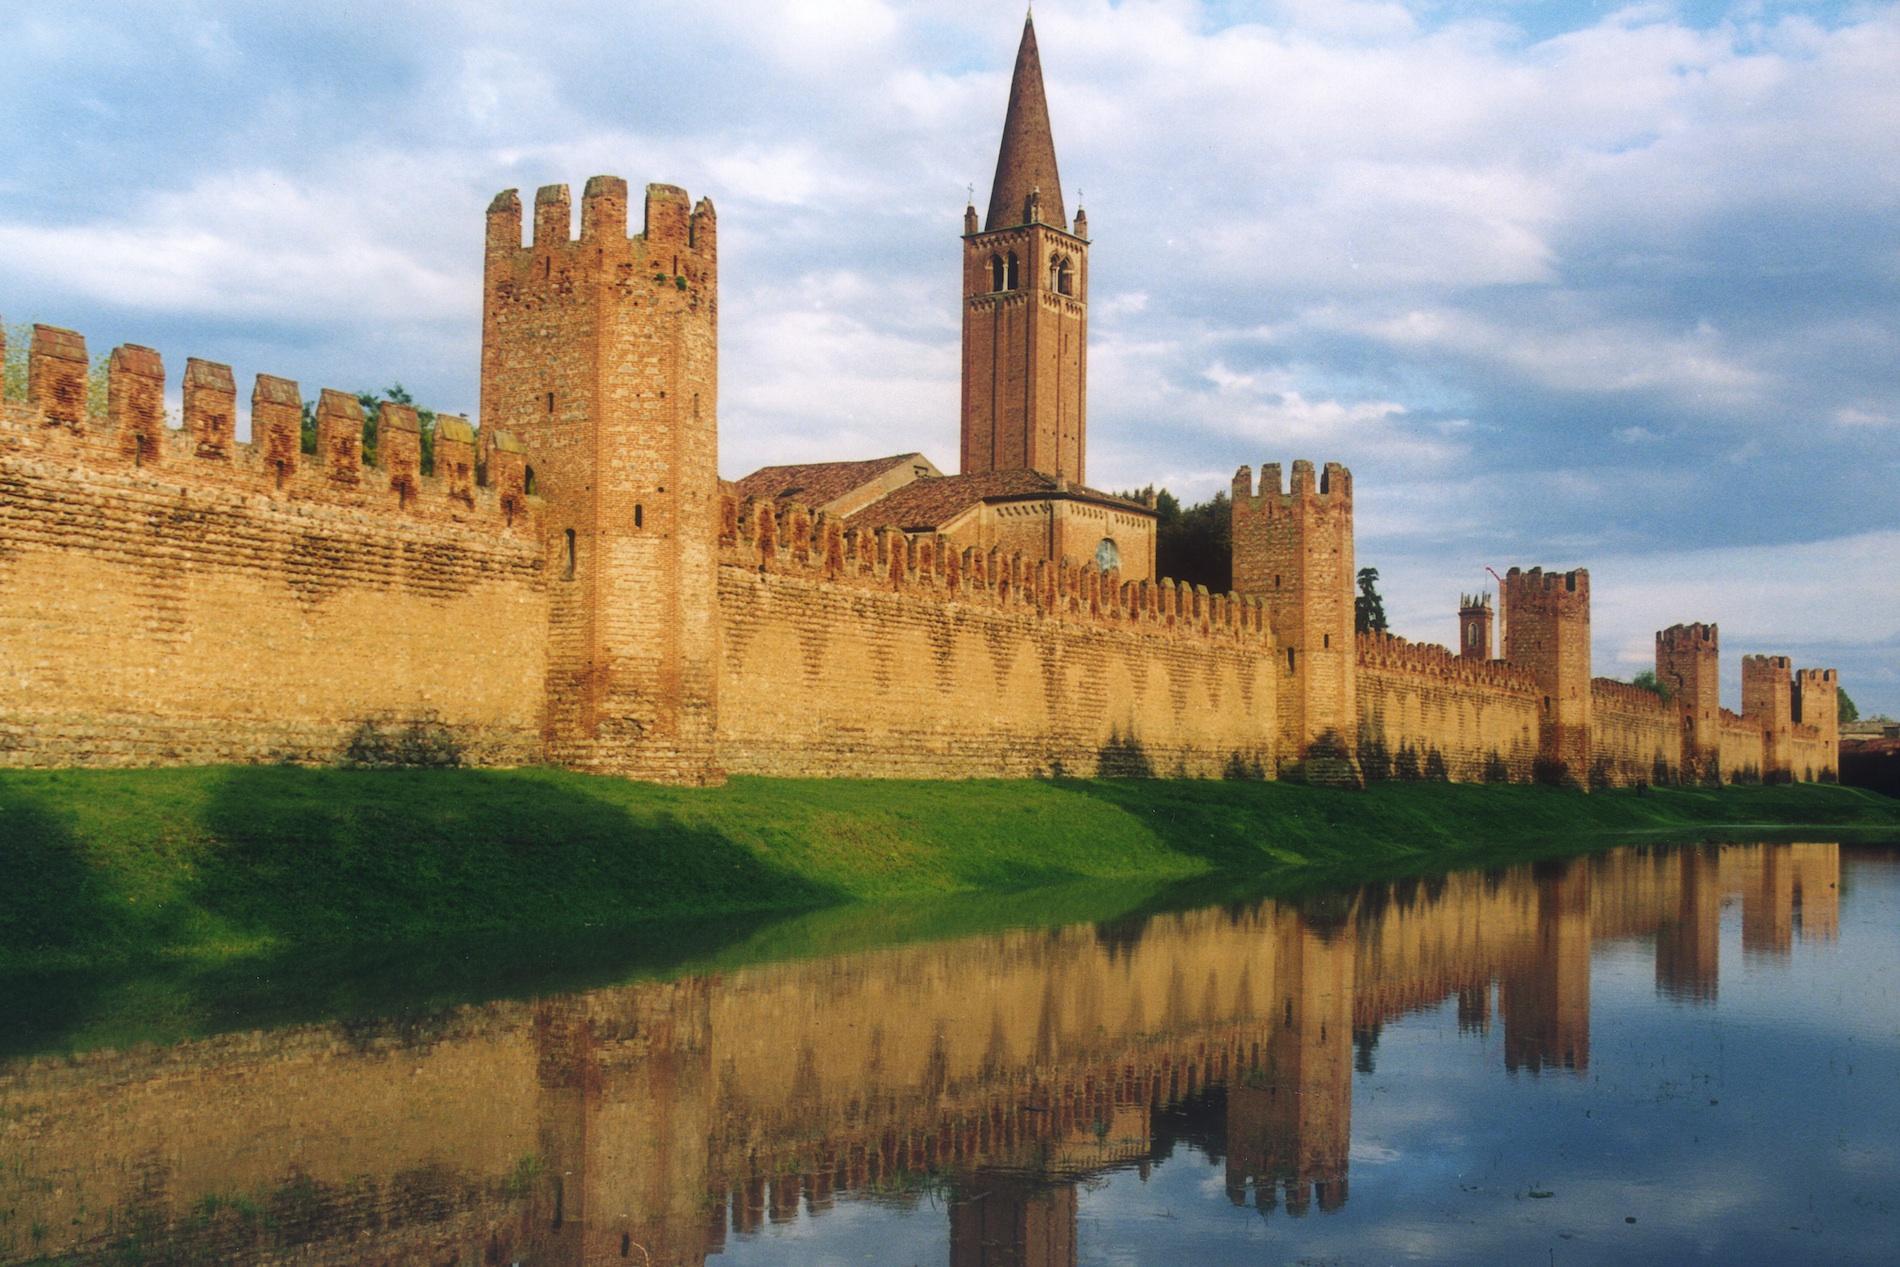 Montagnana il borgo medievale dalla cinta muraria piu for Piani di casa castello medievale